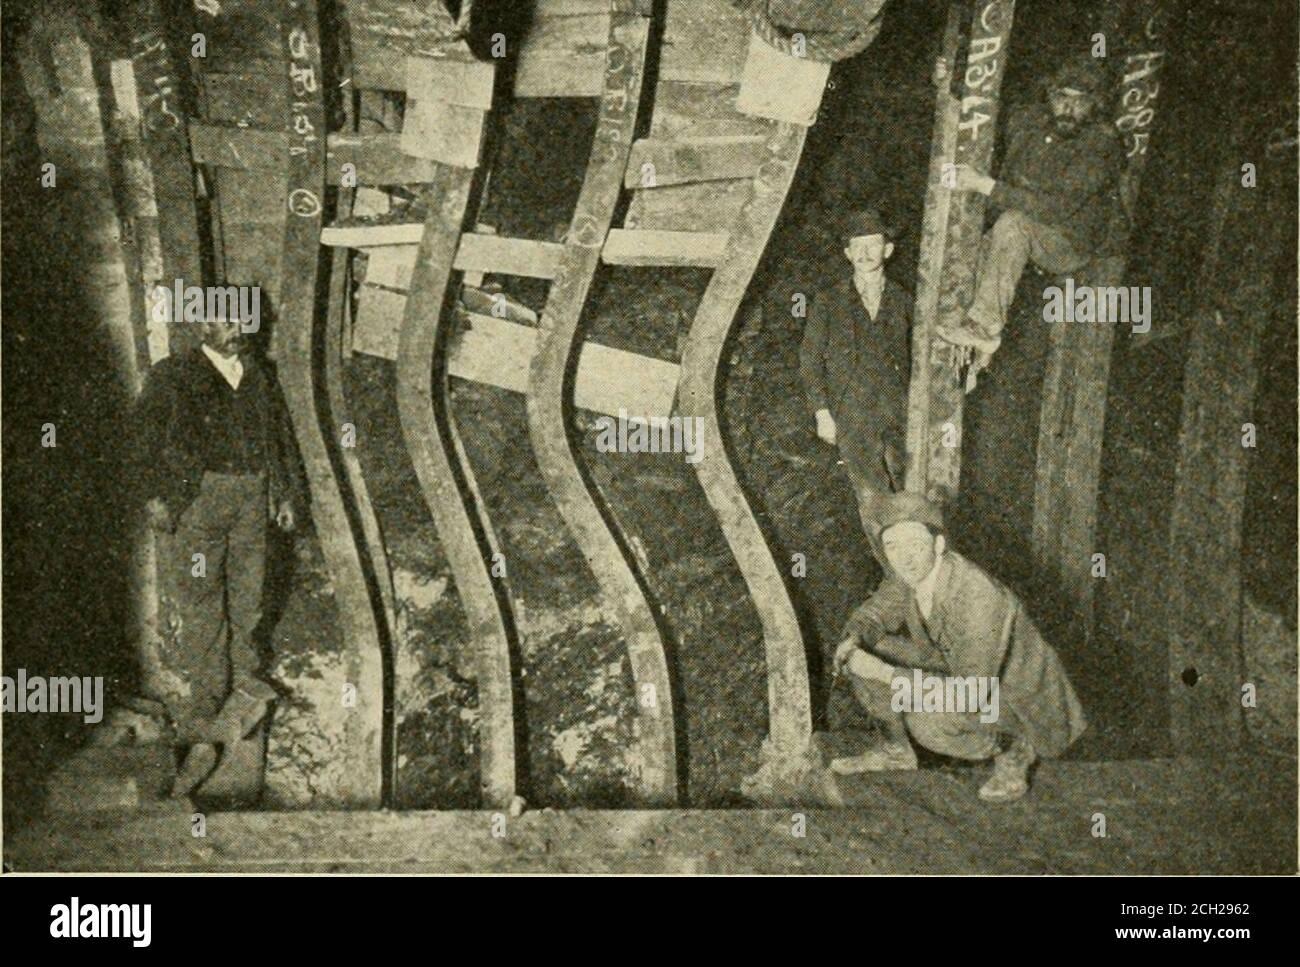 . Procédure officielle . Southwest Water tunnel à Chi-cago, construit de la même manière par George W. Jackson Conpany, Inc. Alors que le Blue Island tunnel avait un diamètre intérieur de 8 pieds, le SQithwdstWater tunnel est en forme de fer à cheval en coupe transversale de dimensions variables équivalent à différents points de 12, 14 et 16 pieds cir-cles. Dans ce cas, les nervures de décalage étaient de 6 canaux. Thisforme de nervures d'acier emboîtées, ou une méthode similaire de con- tunnels, particulièrement subaquatique. /I la construction, va sans doute réduire très matériellement le coût de la doublure de con-crète; ainsi aussi sans doute l'utilisation du télescope Banque D'Images